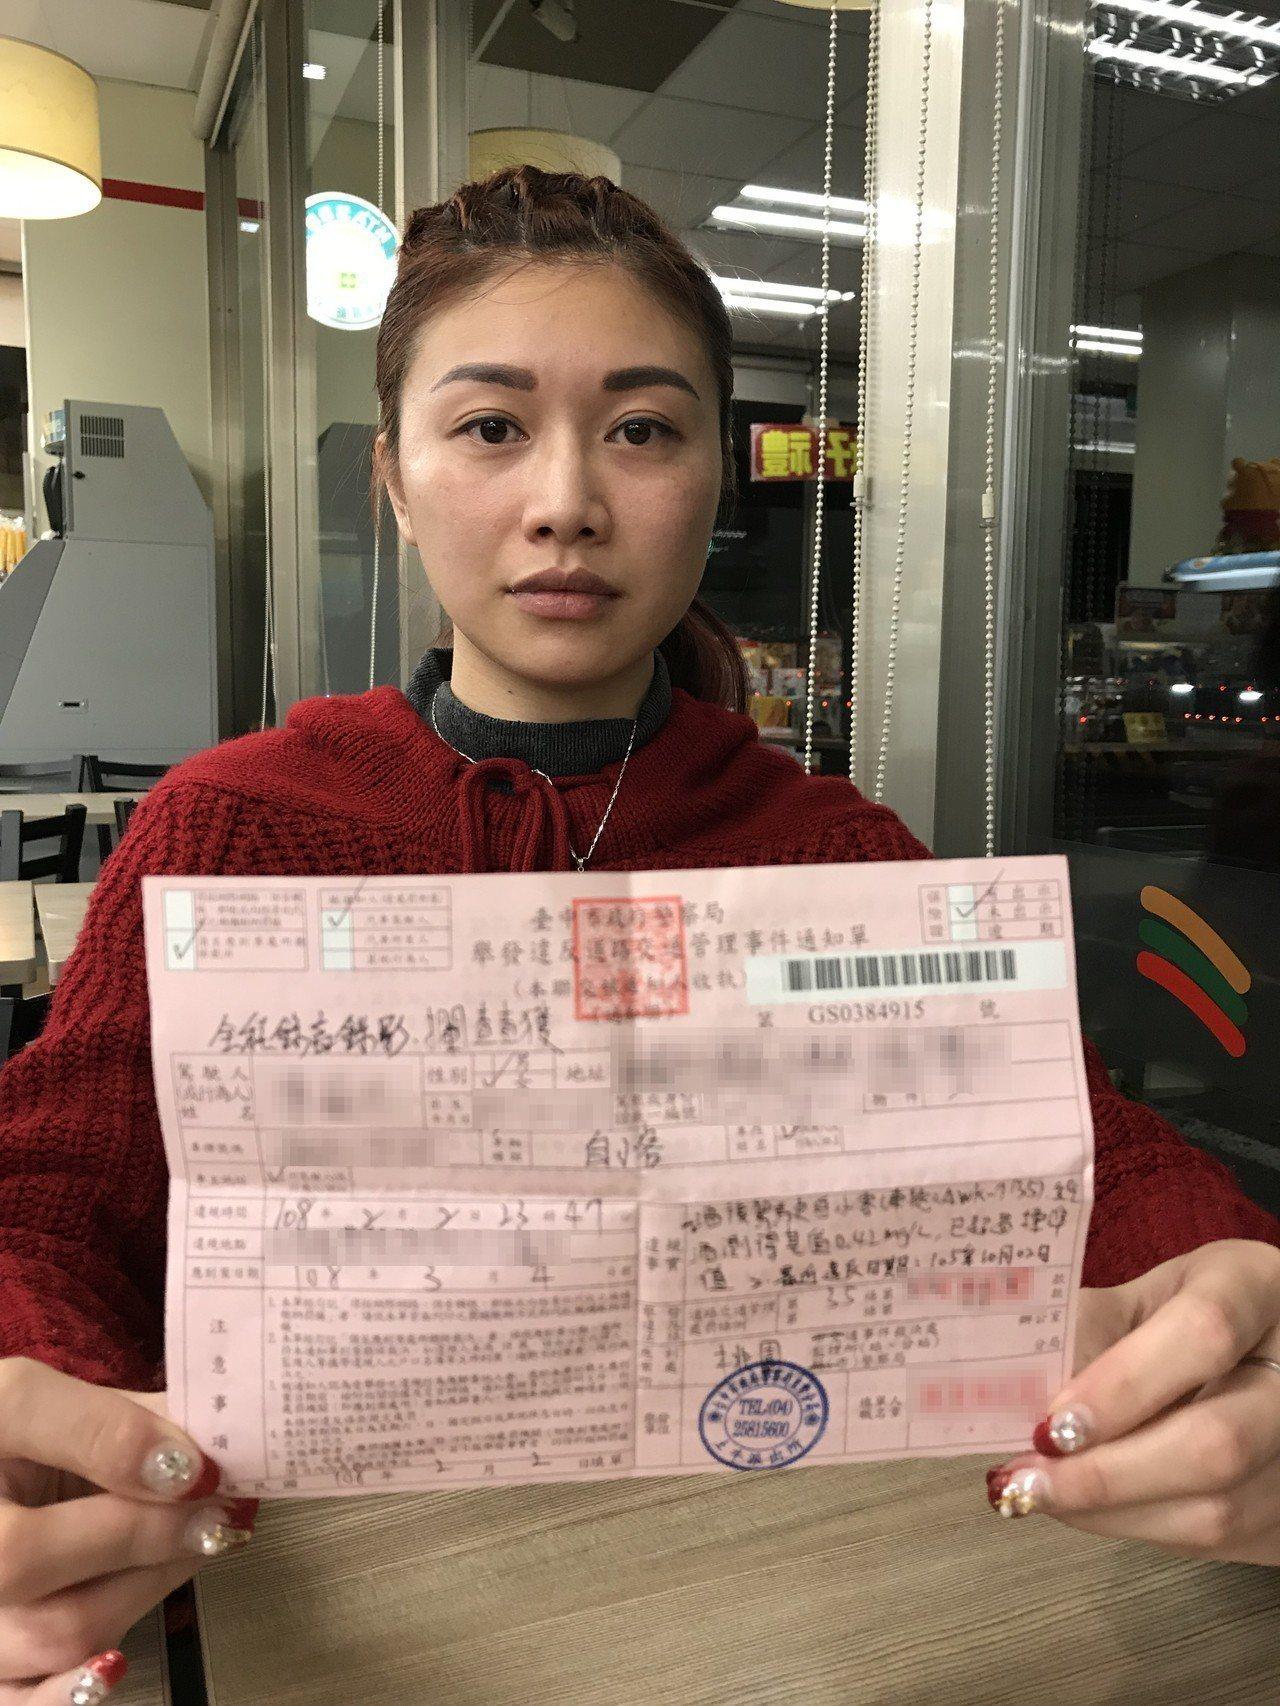 陳小姐向本報投訴說當時她有飲酒但未駕車,卻遭警方進行酒測開單移送。記者林佩均/攝...